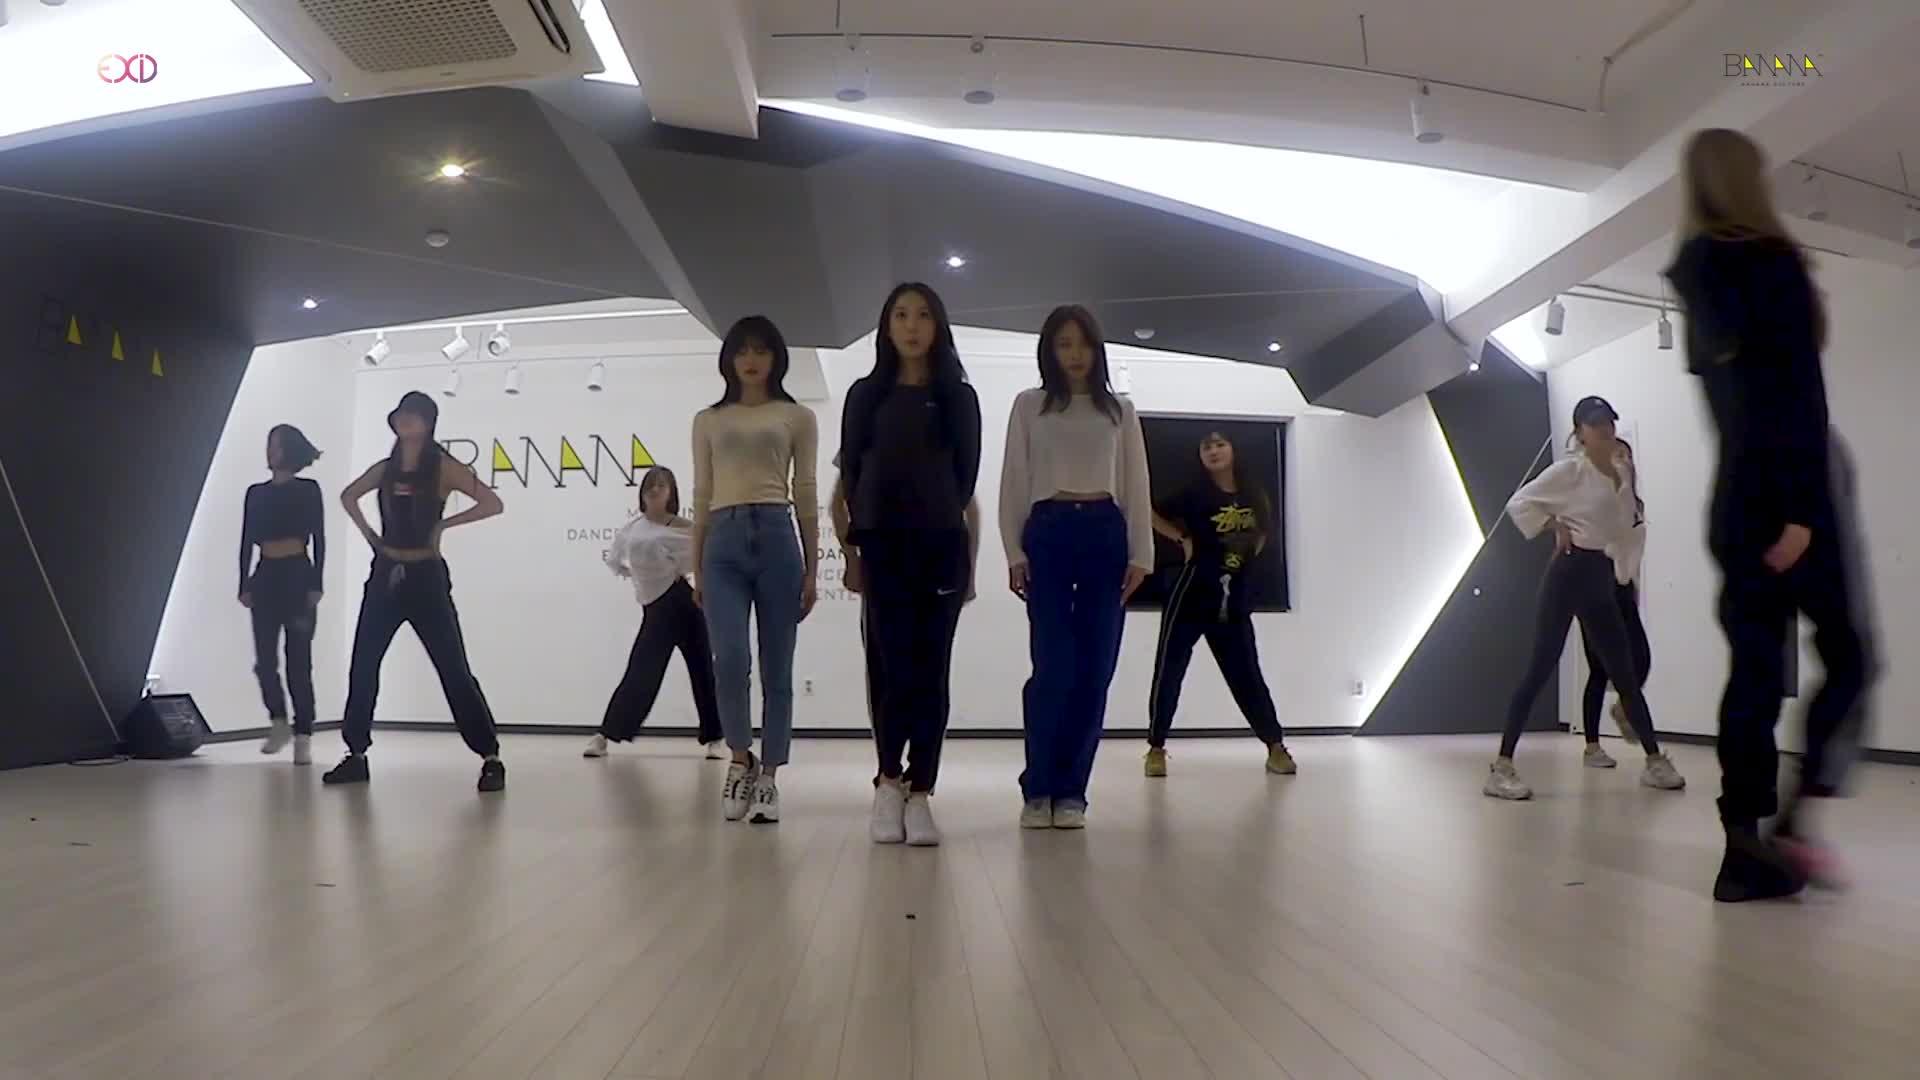 MV comeback chưa kịp nguội, EXID đã chiêu đãi fan bản dance practice của MEYOU ảnh 1